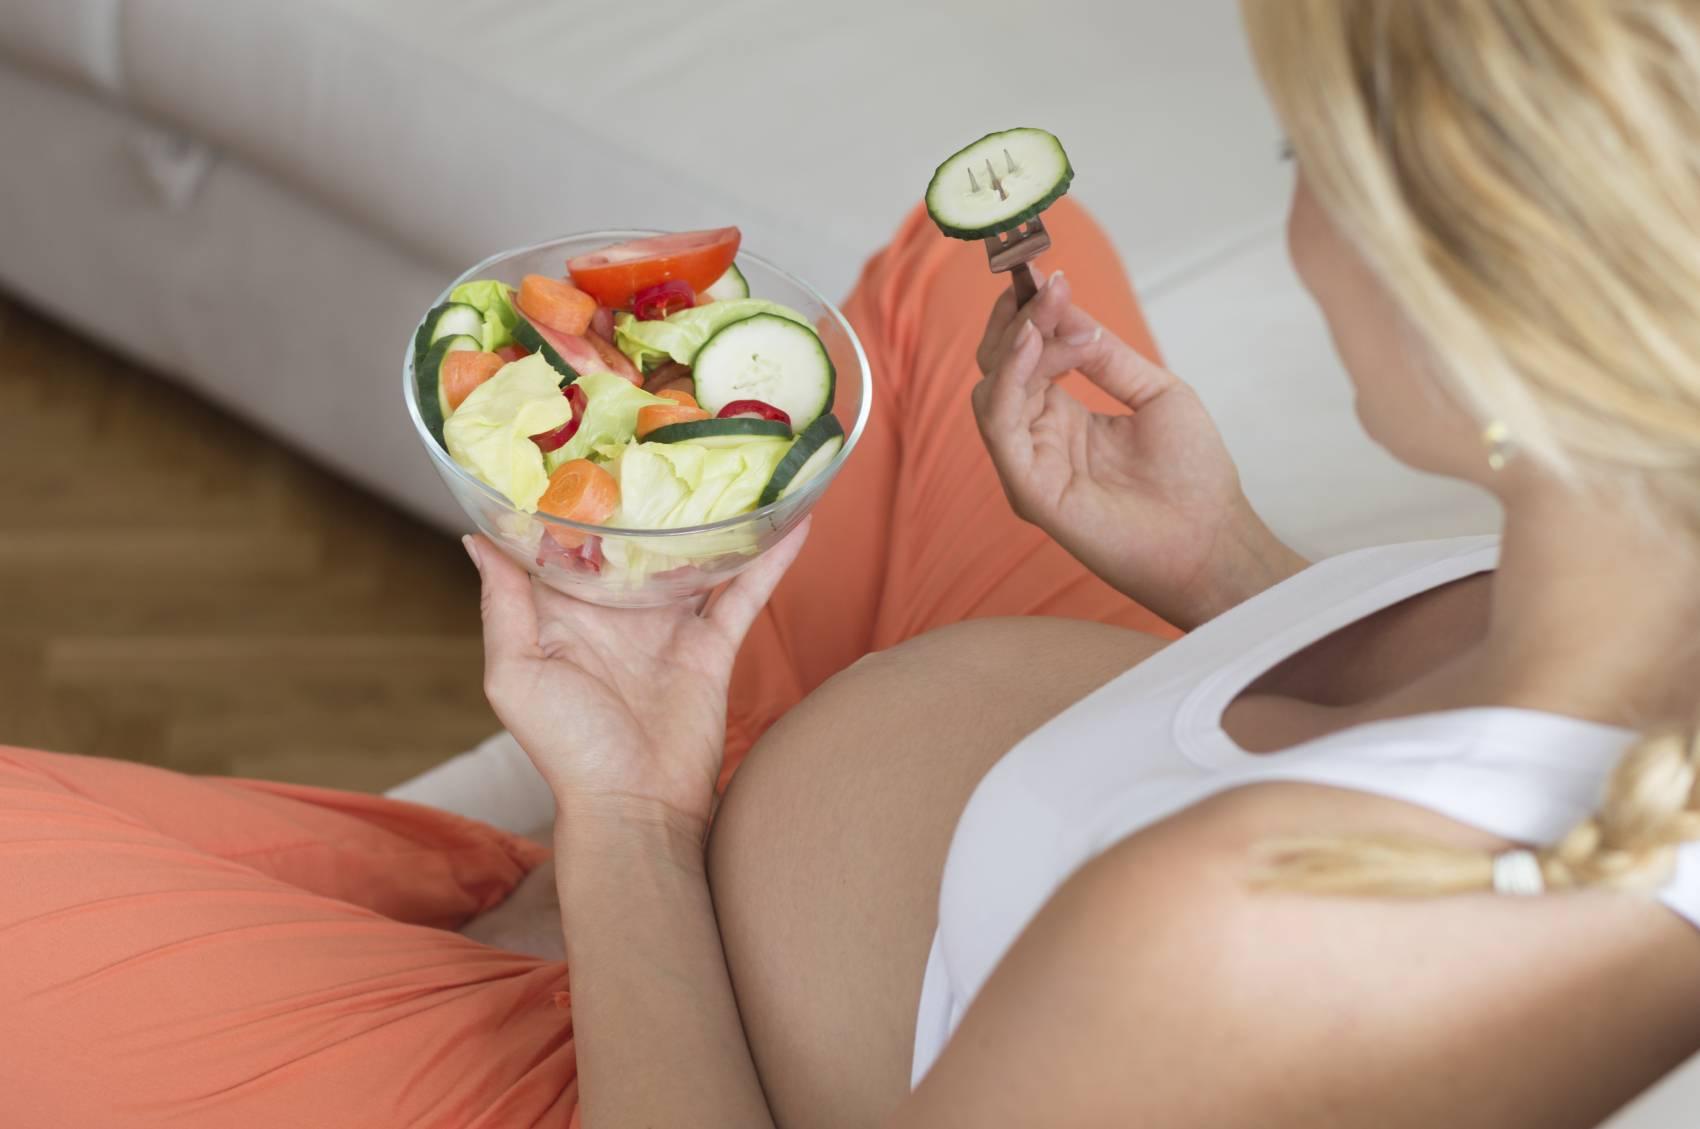 Питание во время беременности 1 2 3 триместр: правильное по неделям, таблица